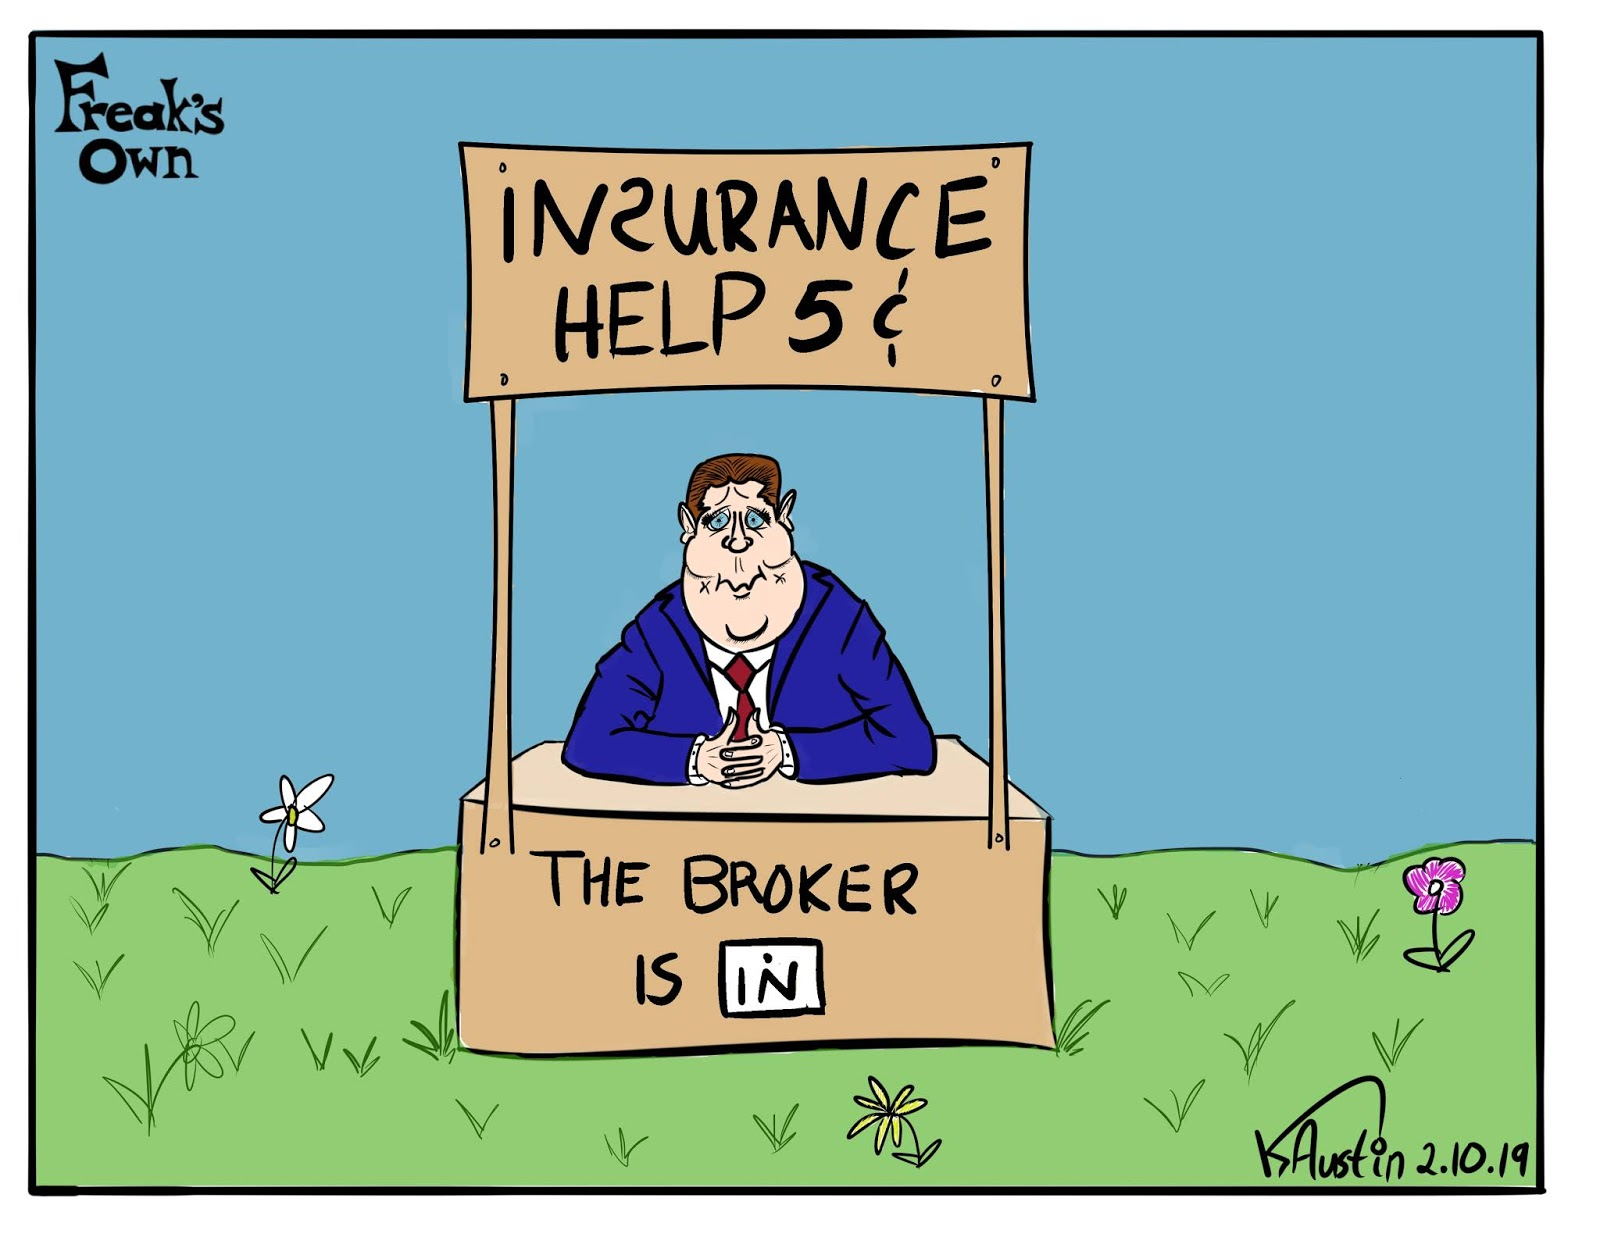 Freak's Own: The Broker Is In